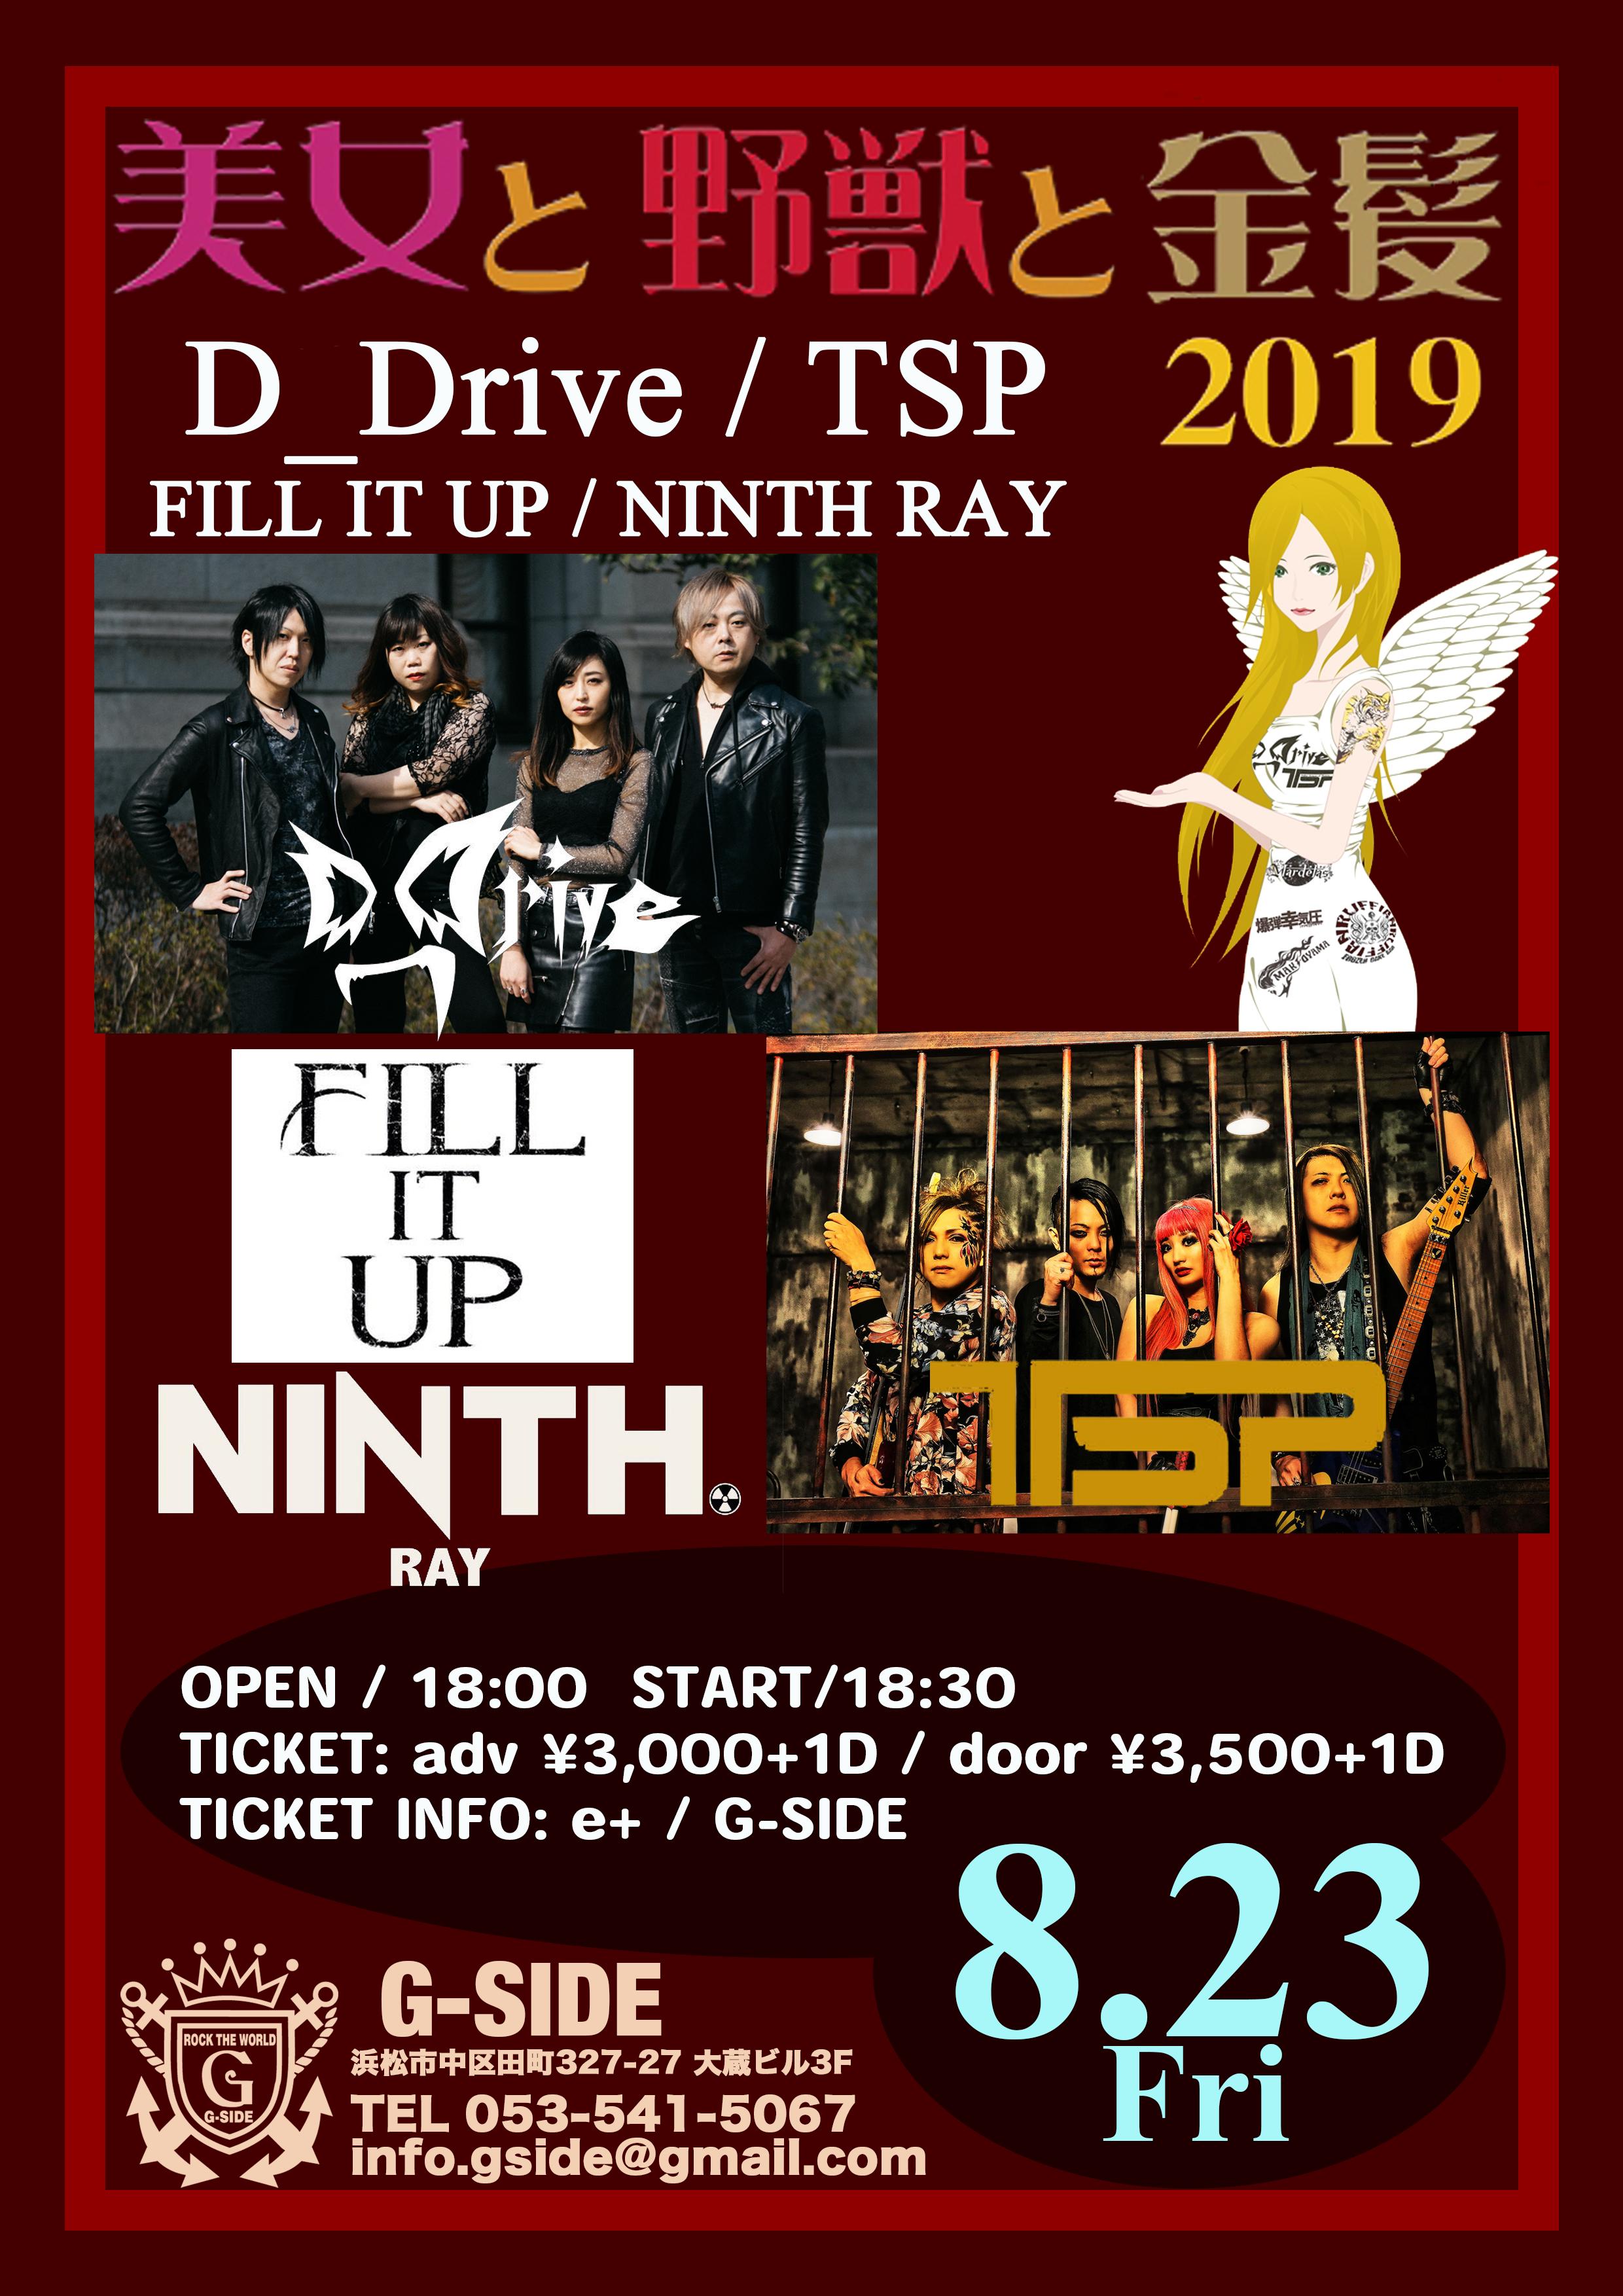 8月23日金曜日 D_Drive / TSP 美女と野獣と金髪2019